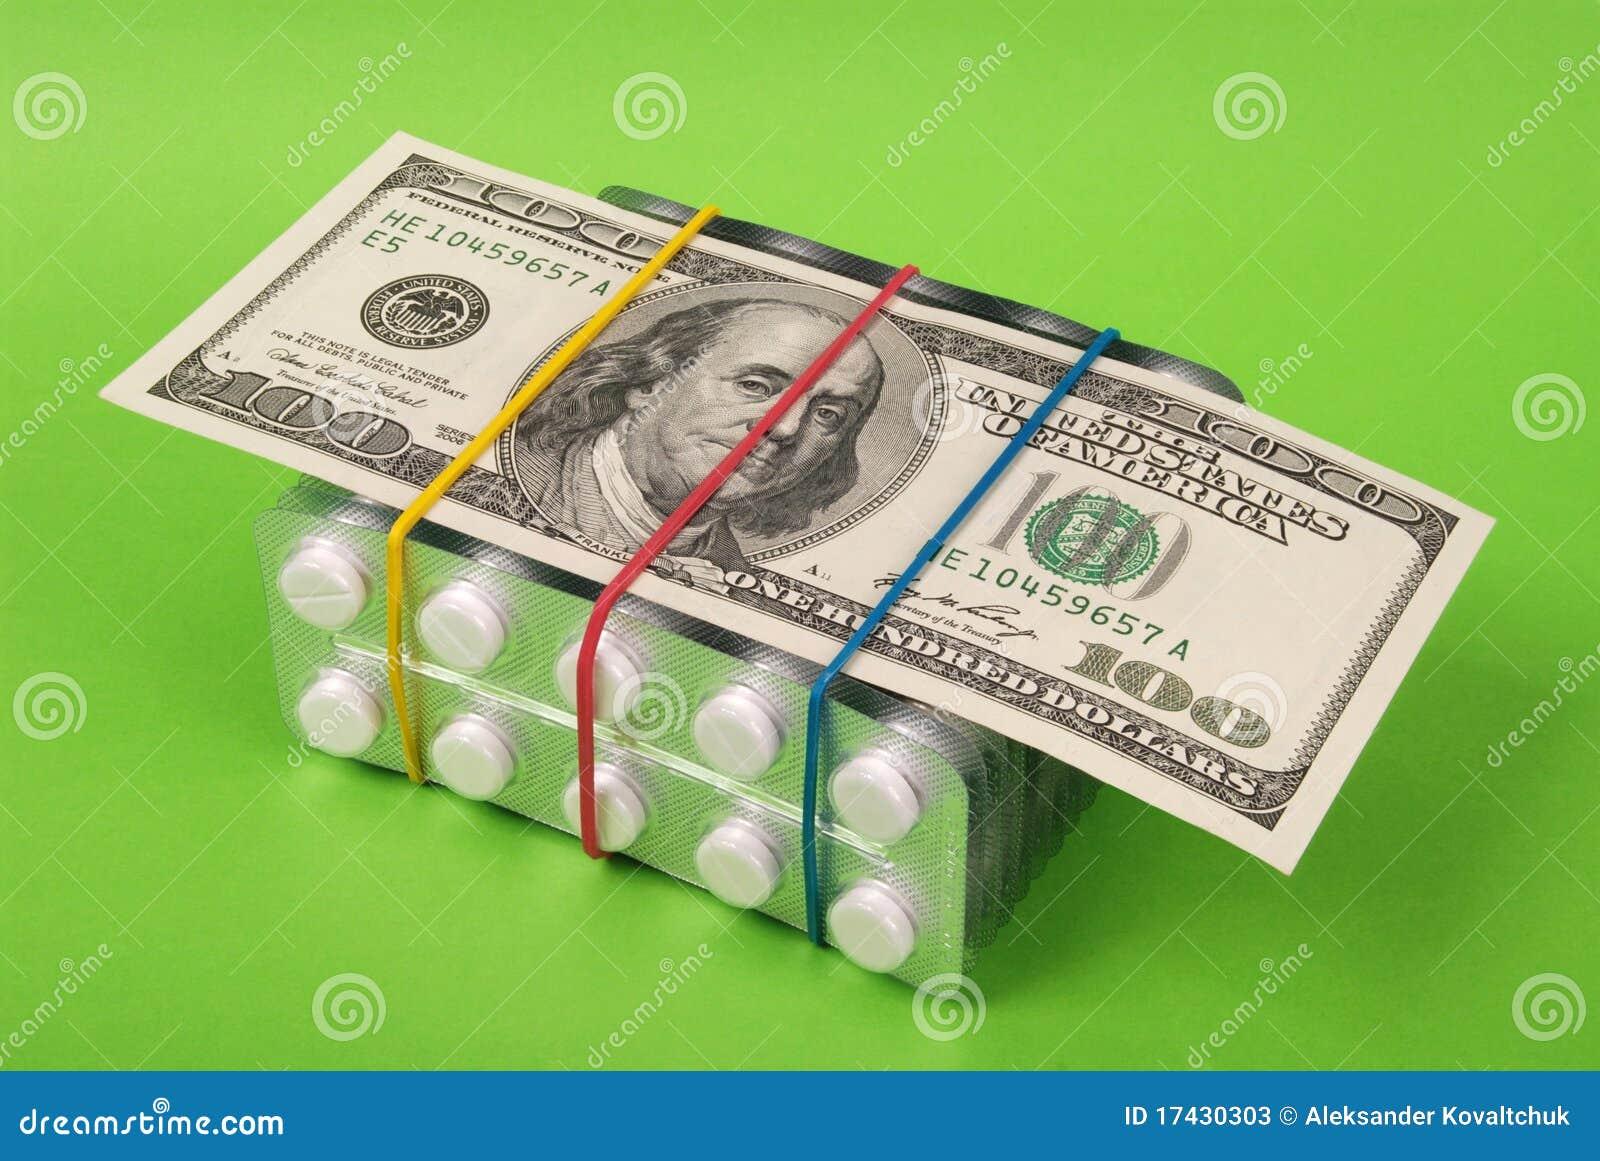 Honderd dollars legt bij de verpakking van witte tabletten